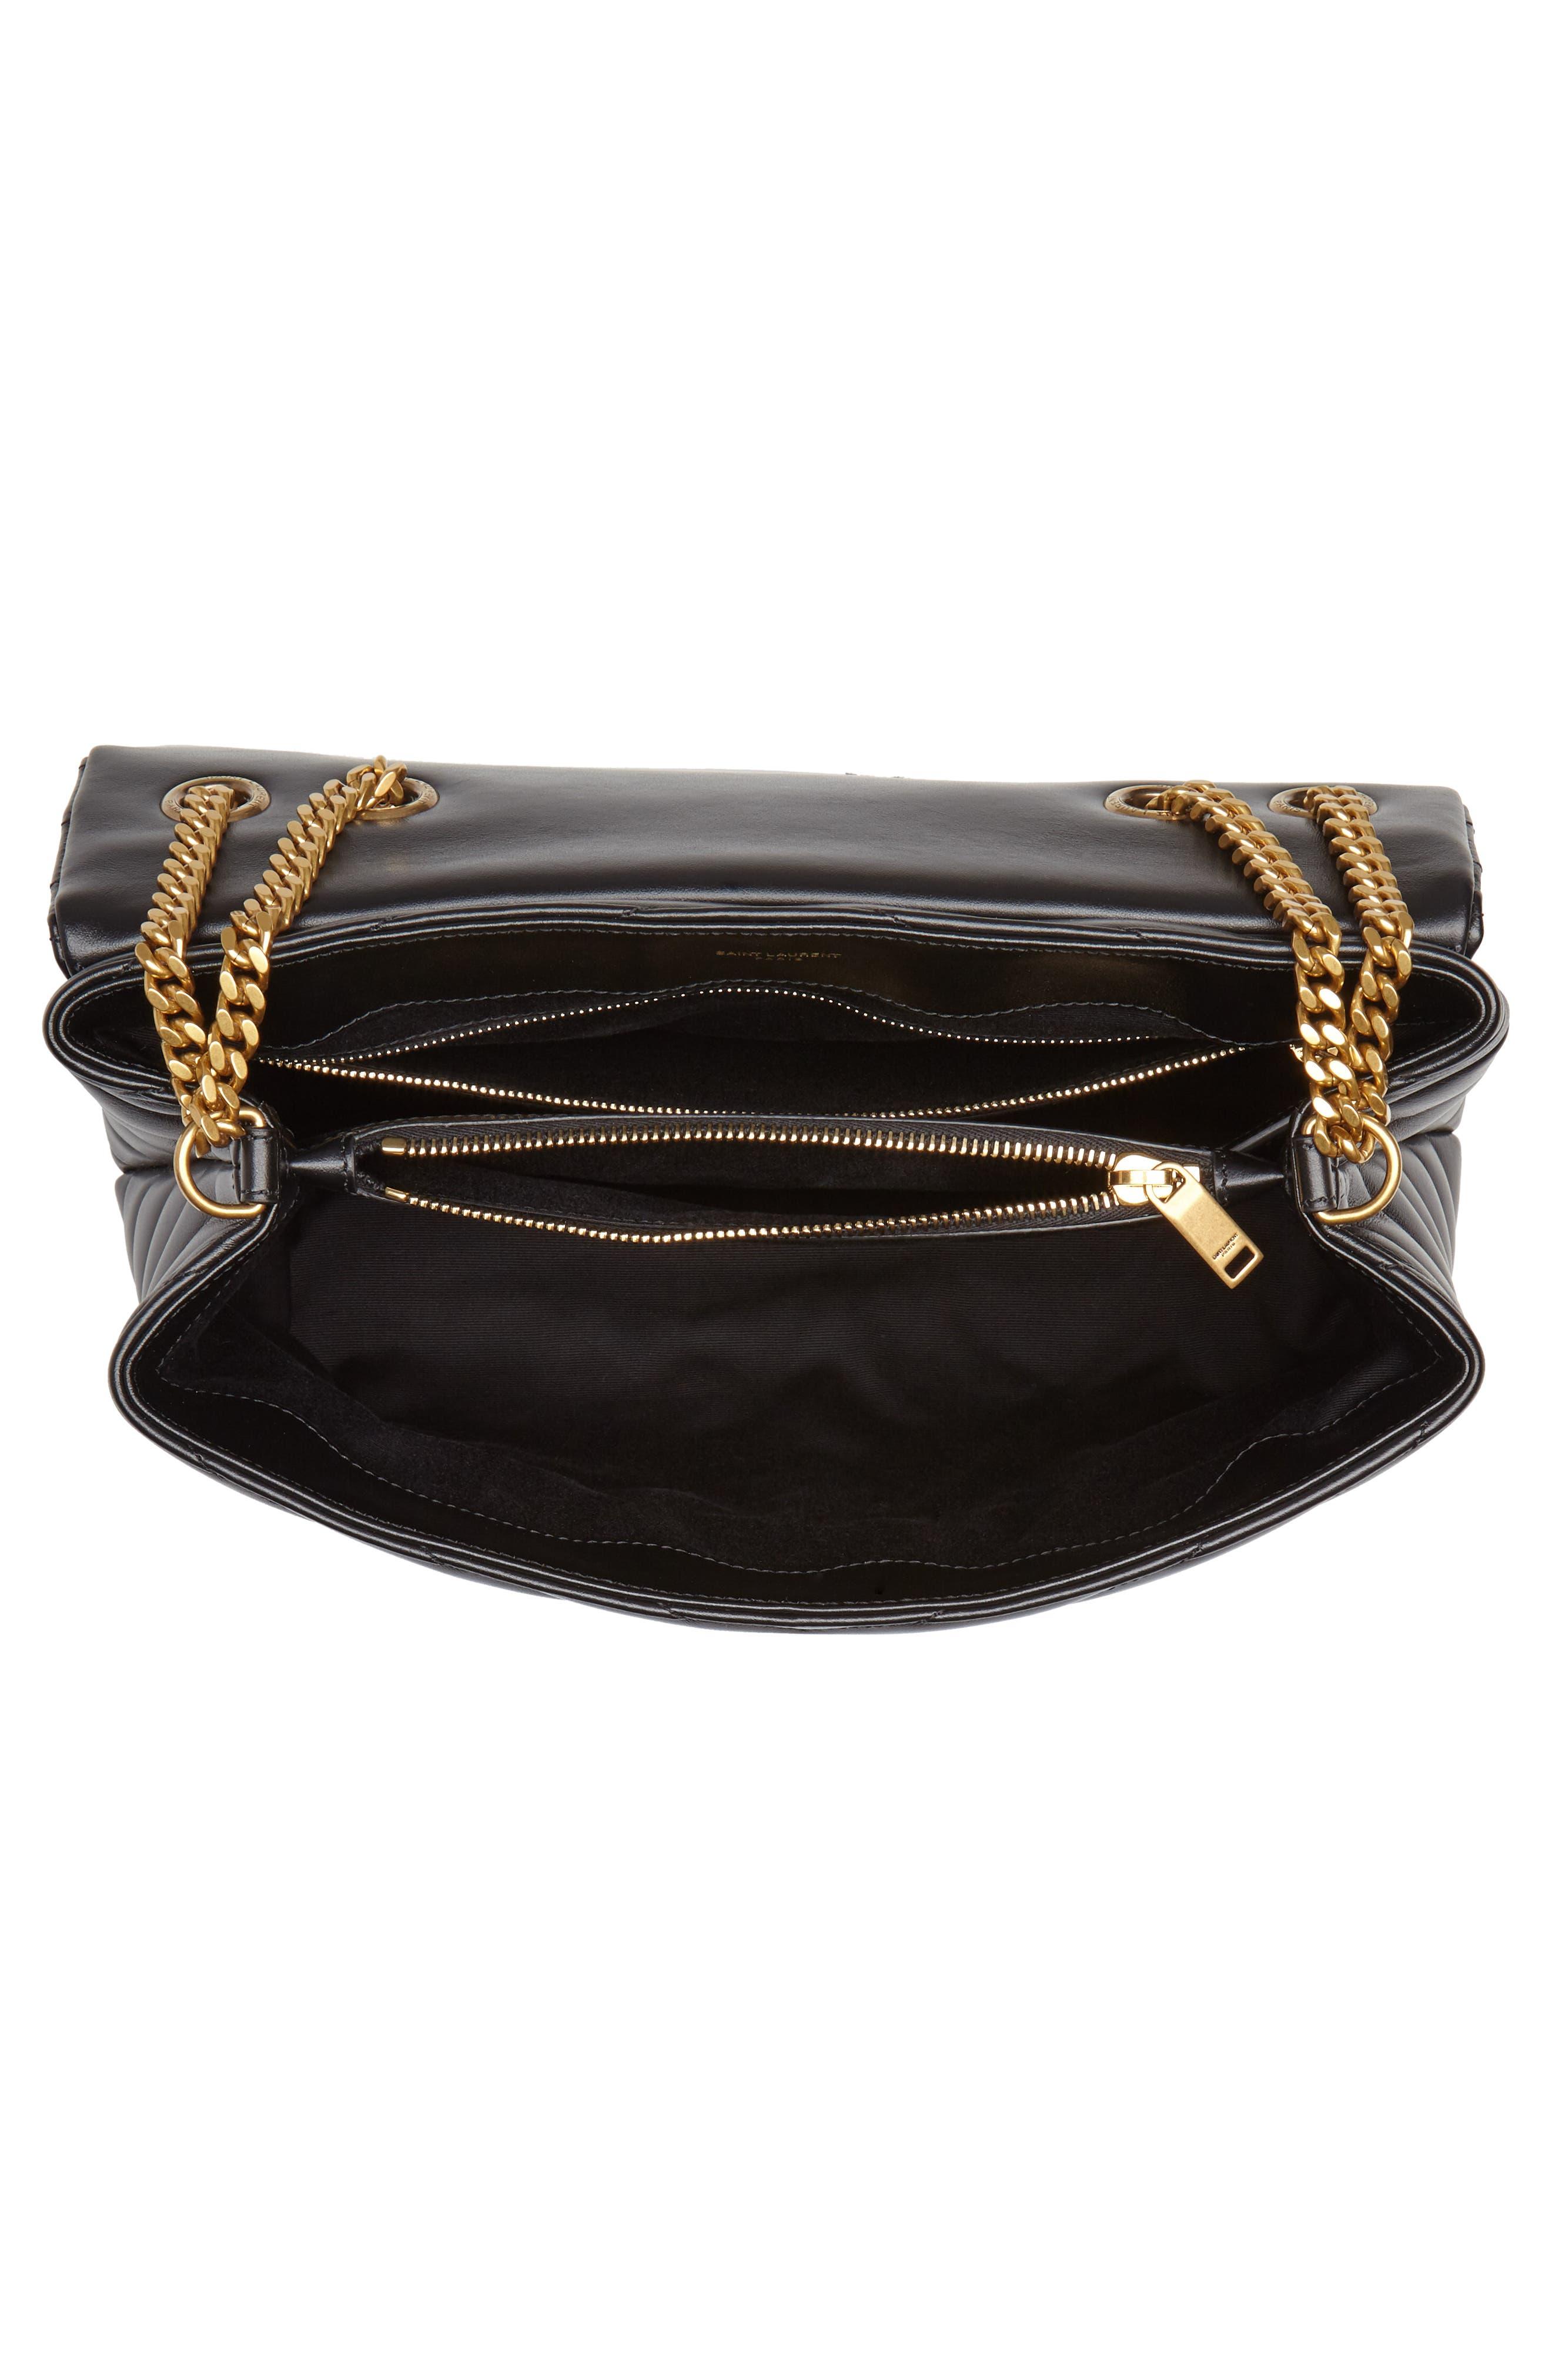 Medium Loulou Matelassé Calfskin Leather Shoulder Bag,                             Alternate thumbnail 4, color,                             NOIR/ GOLD